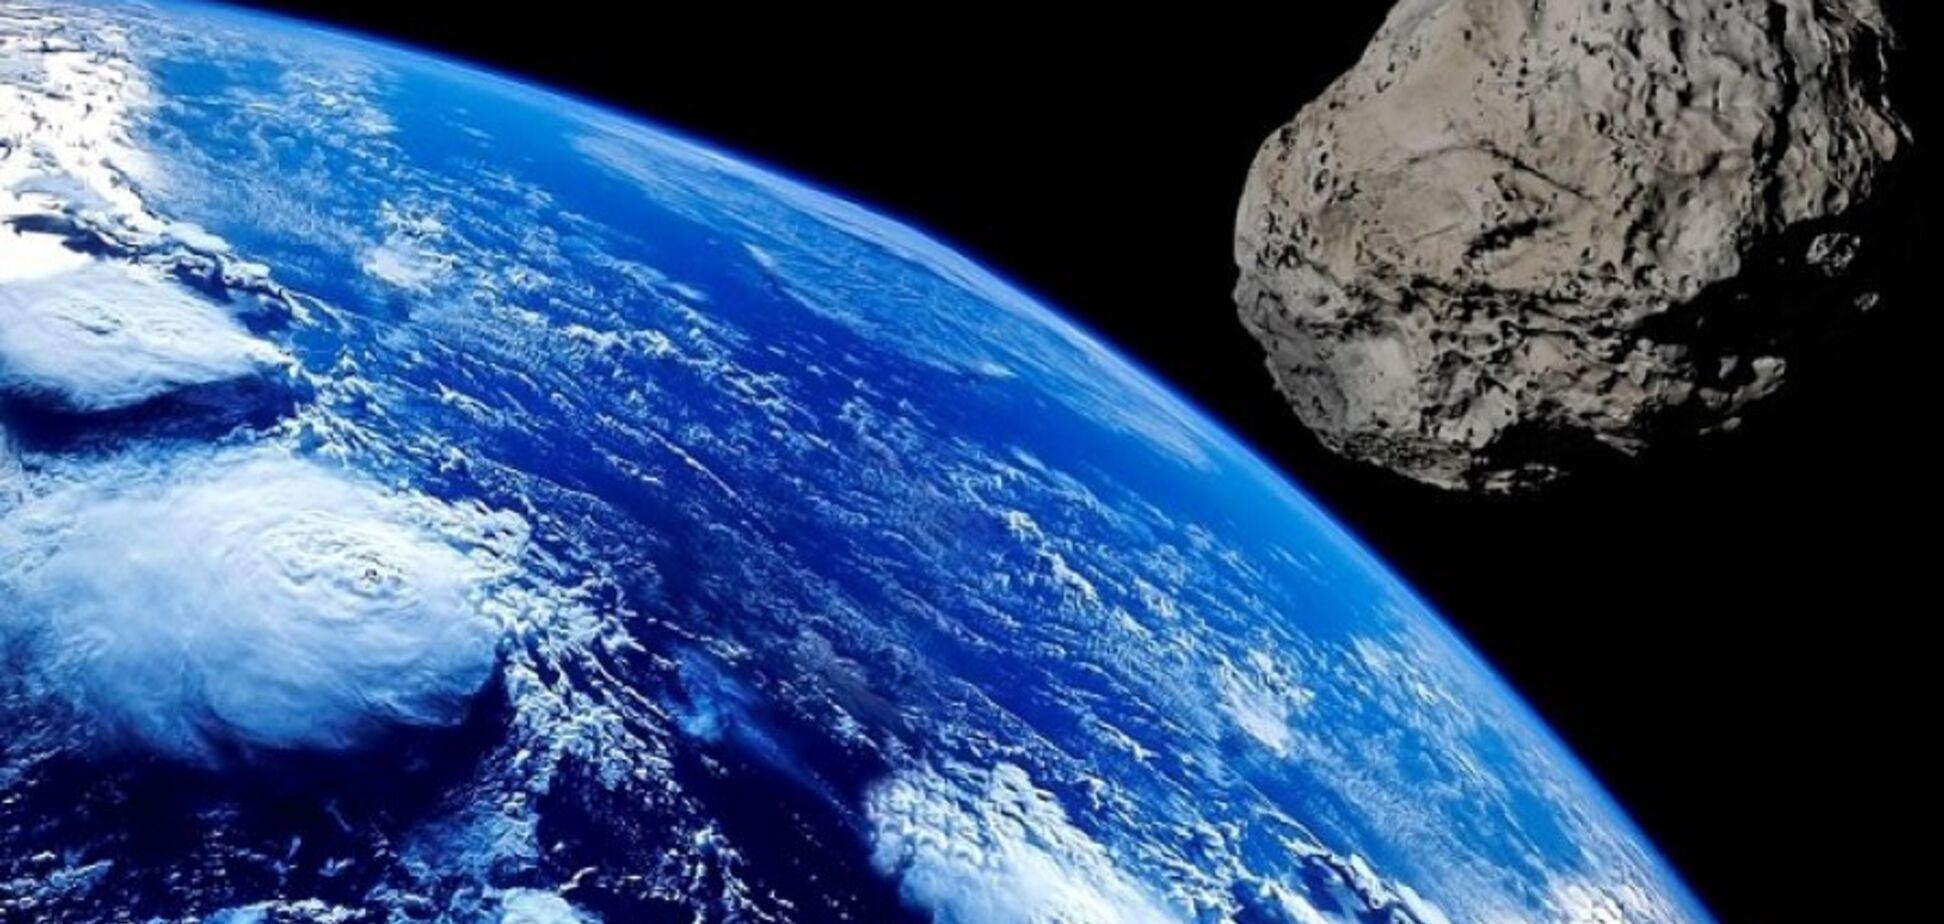 Астероид размером с небоскреб несется к Земле: названа дата